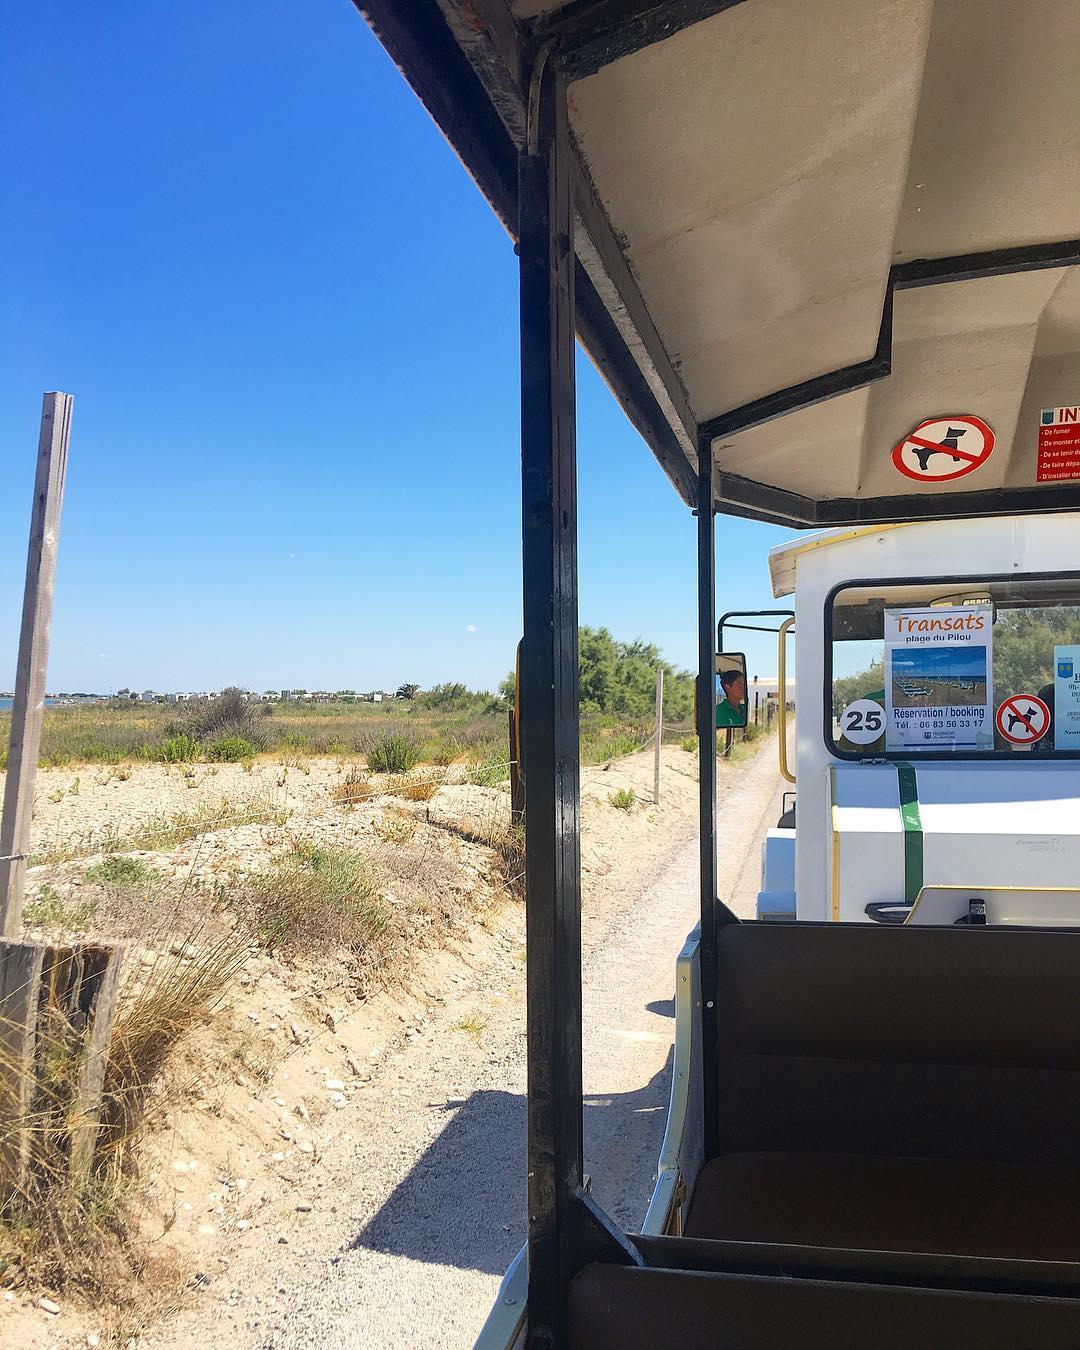 Un de mes moments préférés pour aller à la plage... le petit train ? de Maguelone ❤️ .  ______________ #summer #summertime #villeneuvelèsmaguelone #palavas #travel #travelblogger #montpellier #pintademontpellier #voyage #blogvoyage #travelblog